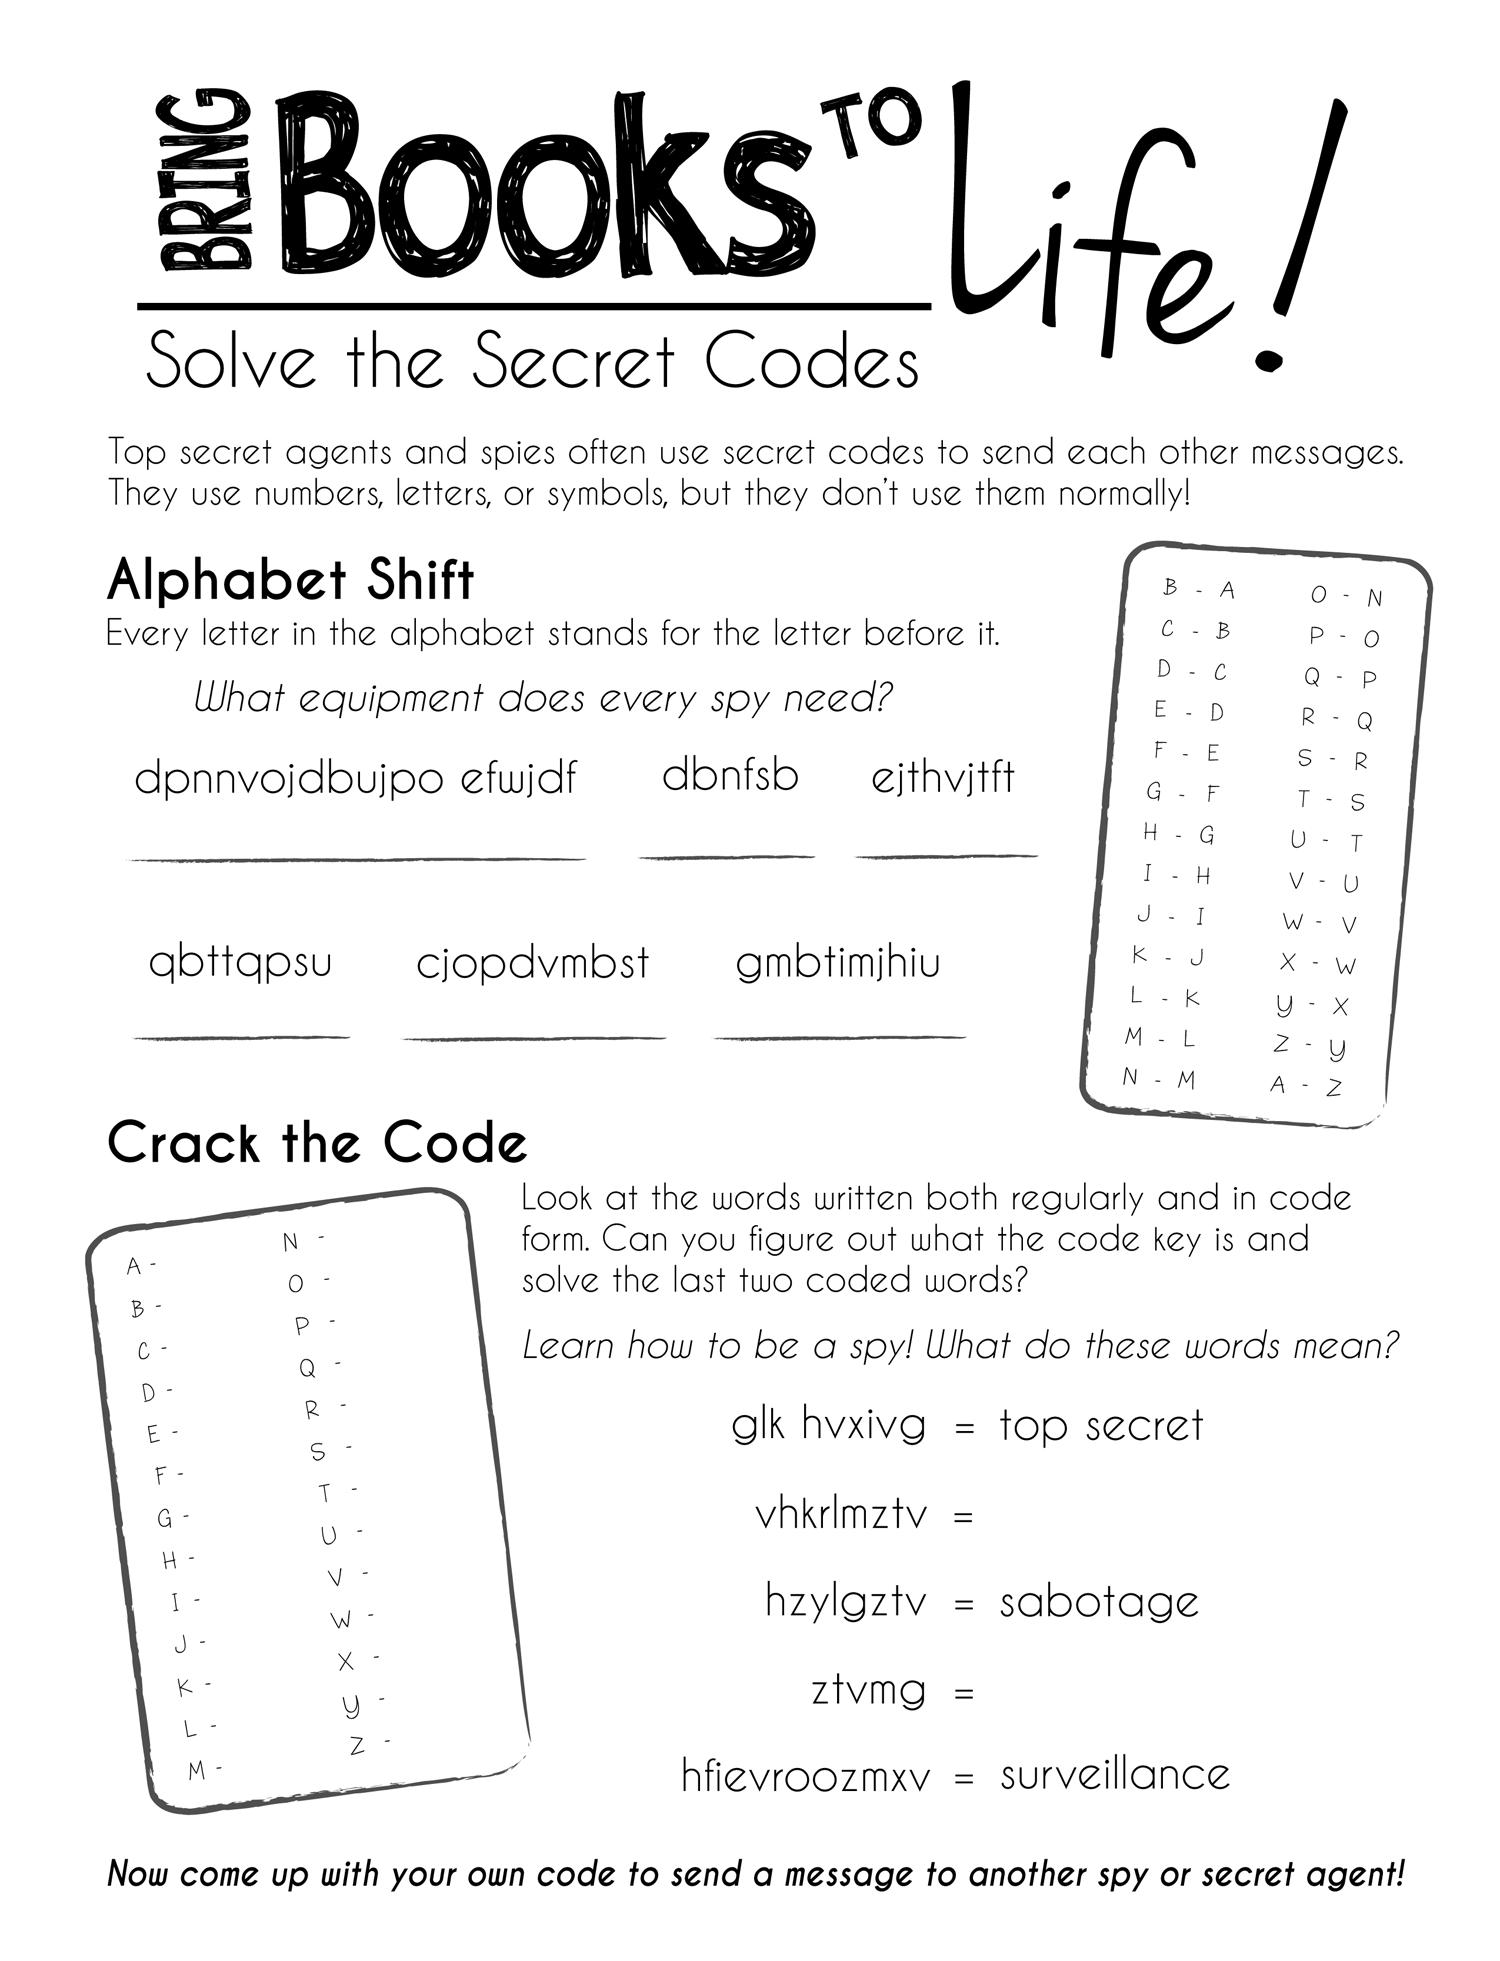 worksheet Secret Codes For Kids Worksheets solve the secret codes cub scouts pinterest code worksheets for kidsfree